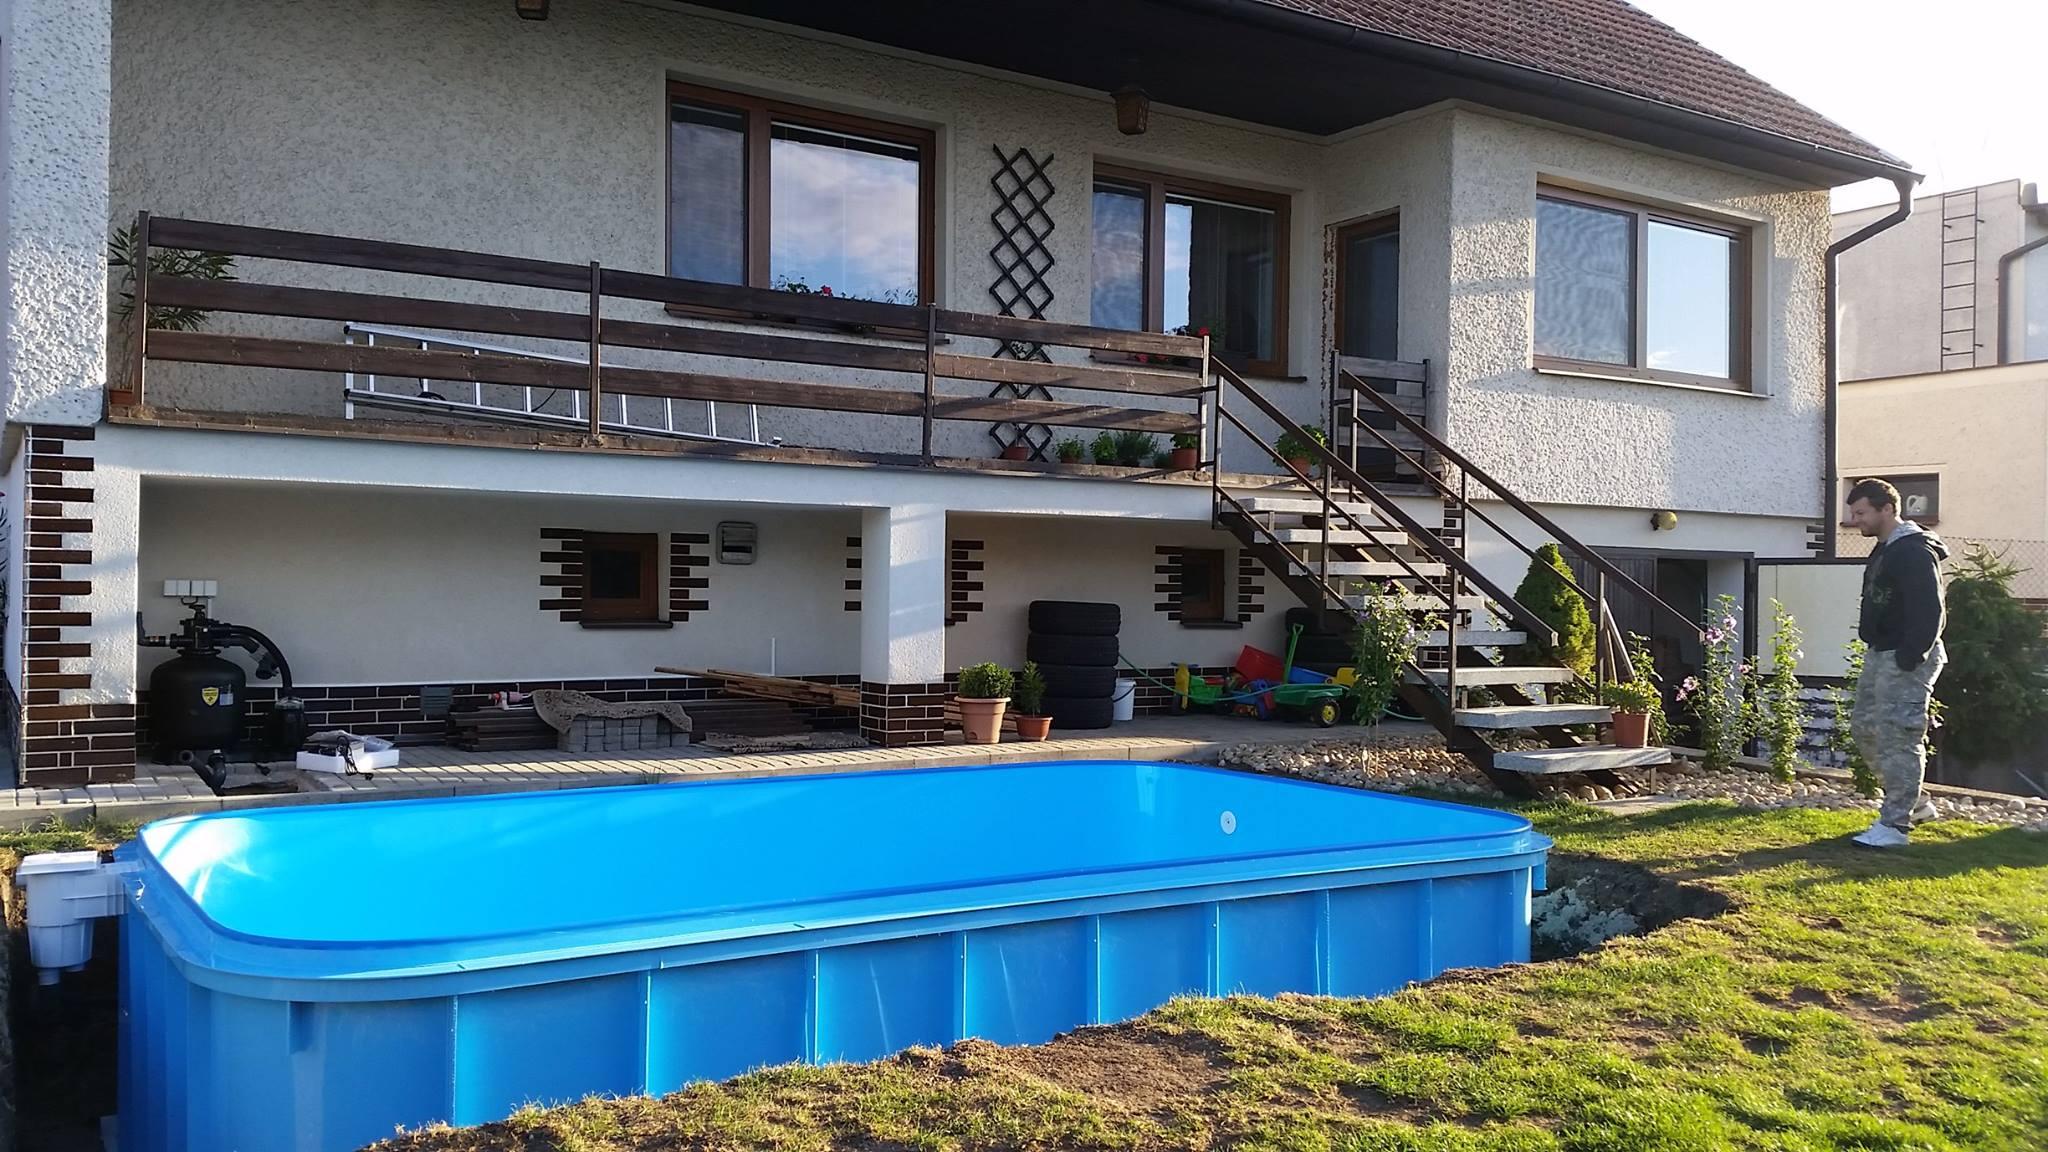 Obdélníkový plastový bazén - výroba plastových bazénů